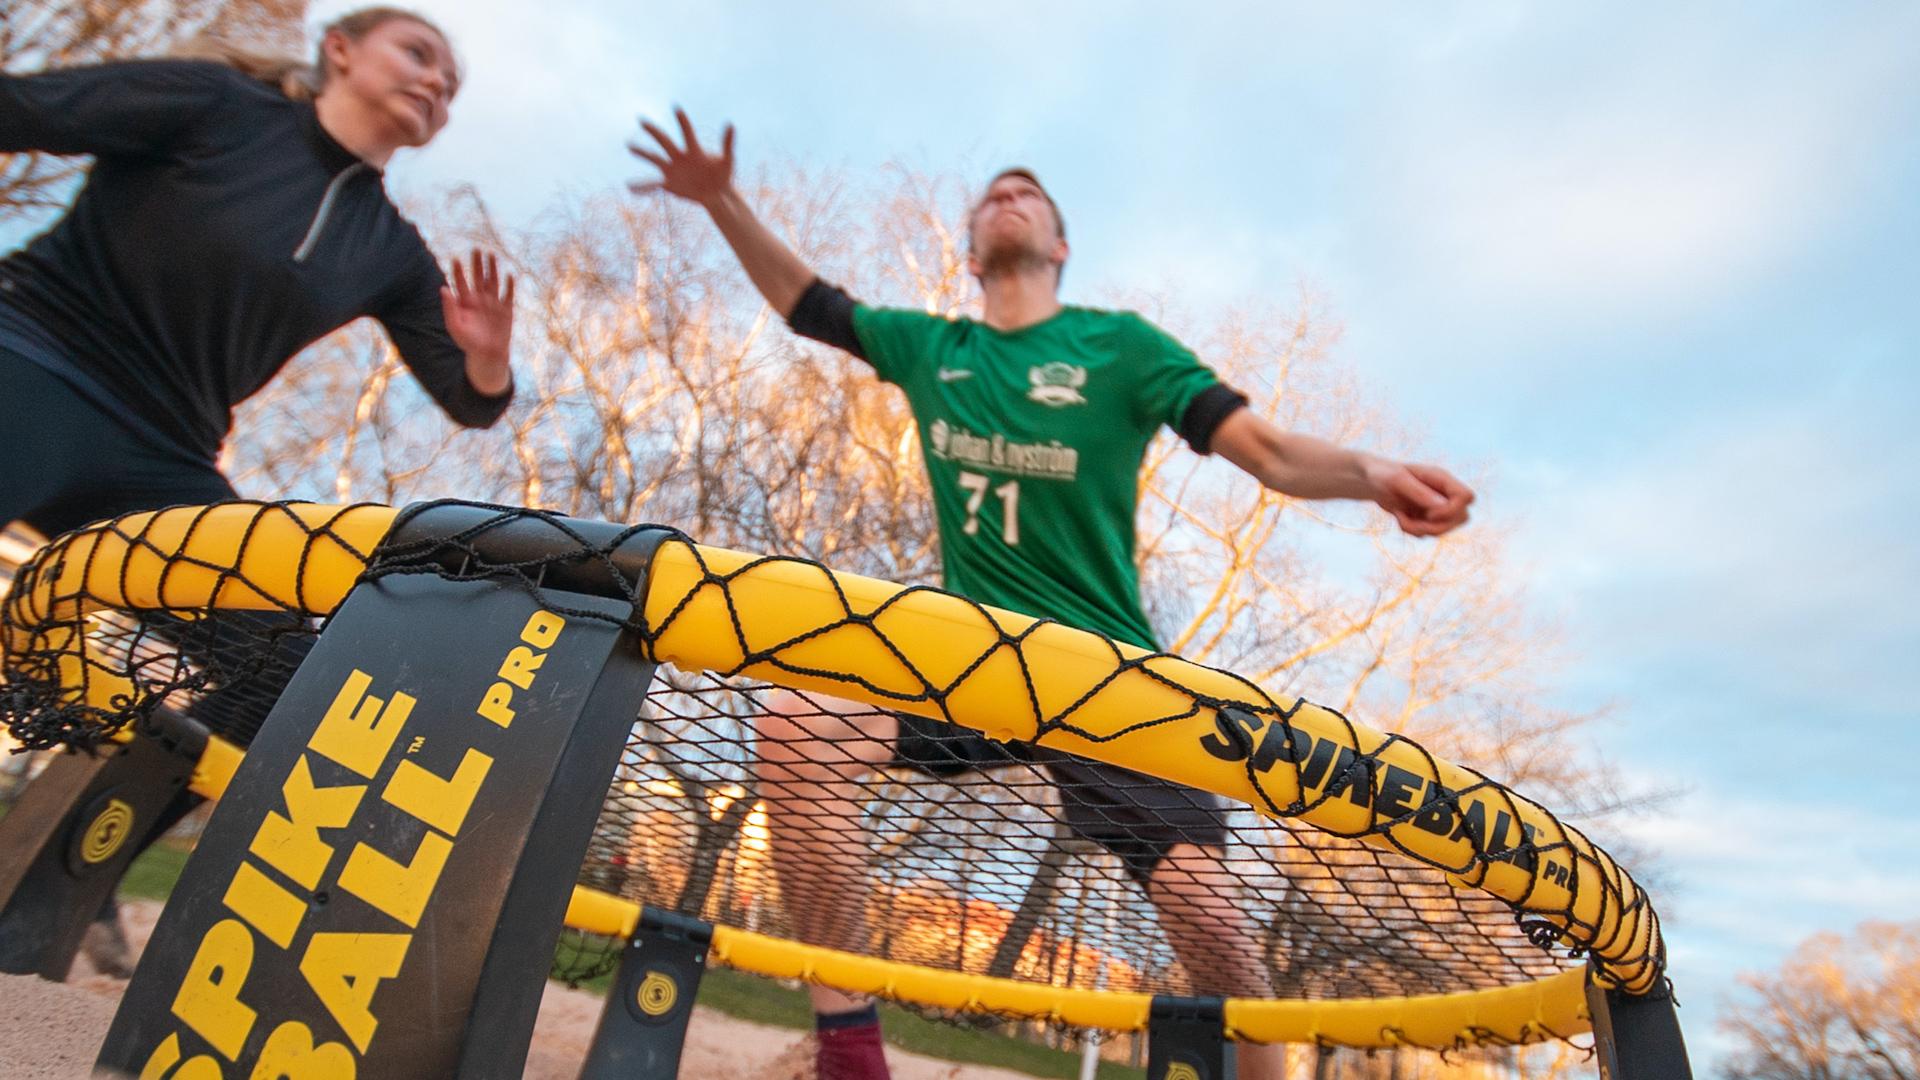 スパイクボール|360°がフィールドの新感覚スポーツが話題に